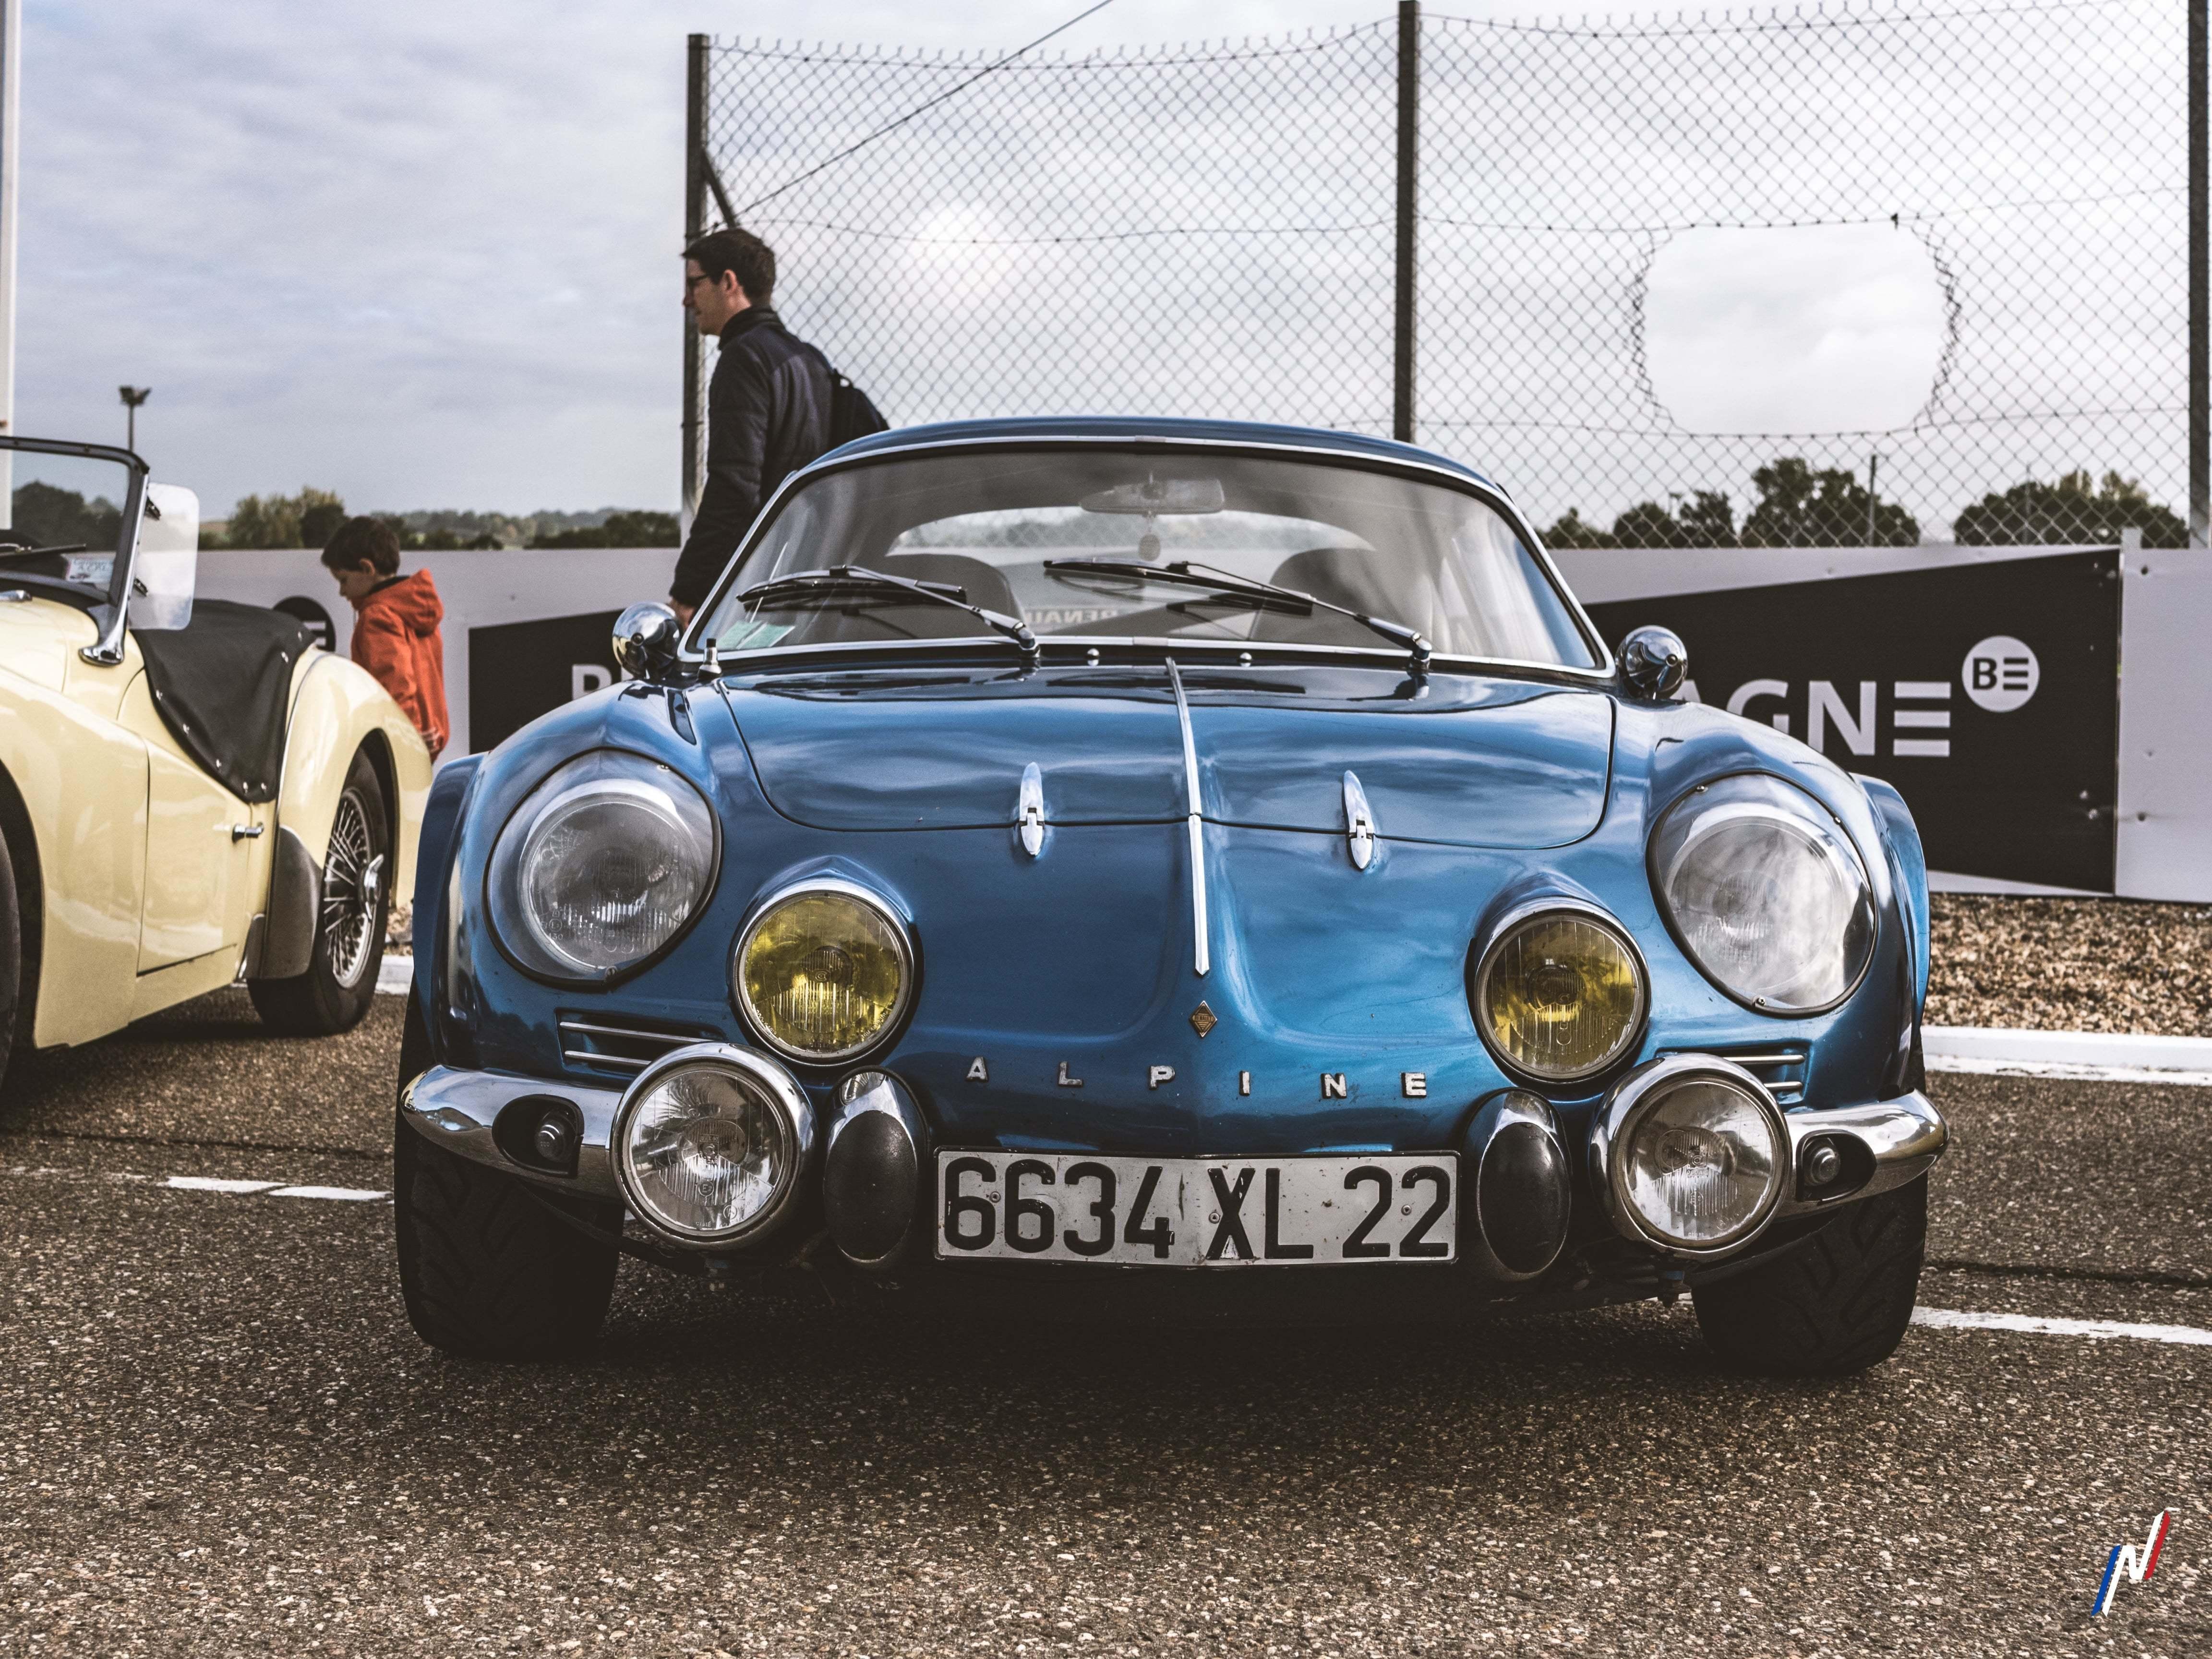 FCRA Autobrocante Loheac 2019 Ragnotti Leclerc Serpaggi Alpine GTA A110 A610 A310 les alpinistes 8 | Autobrocante Festival de Lohéac 2019: les Alpine à l'honneur !